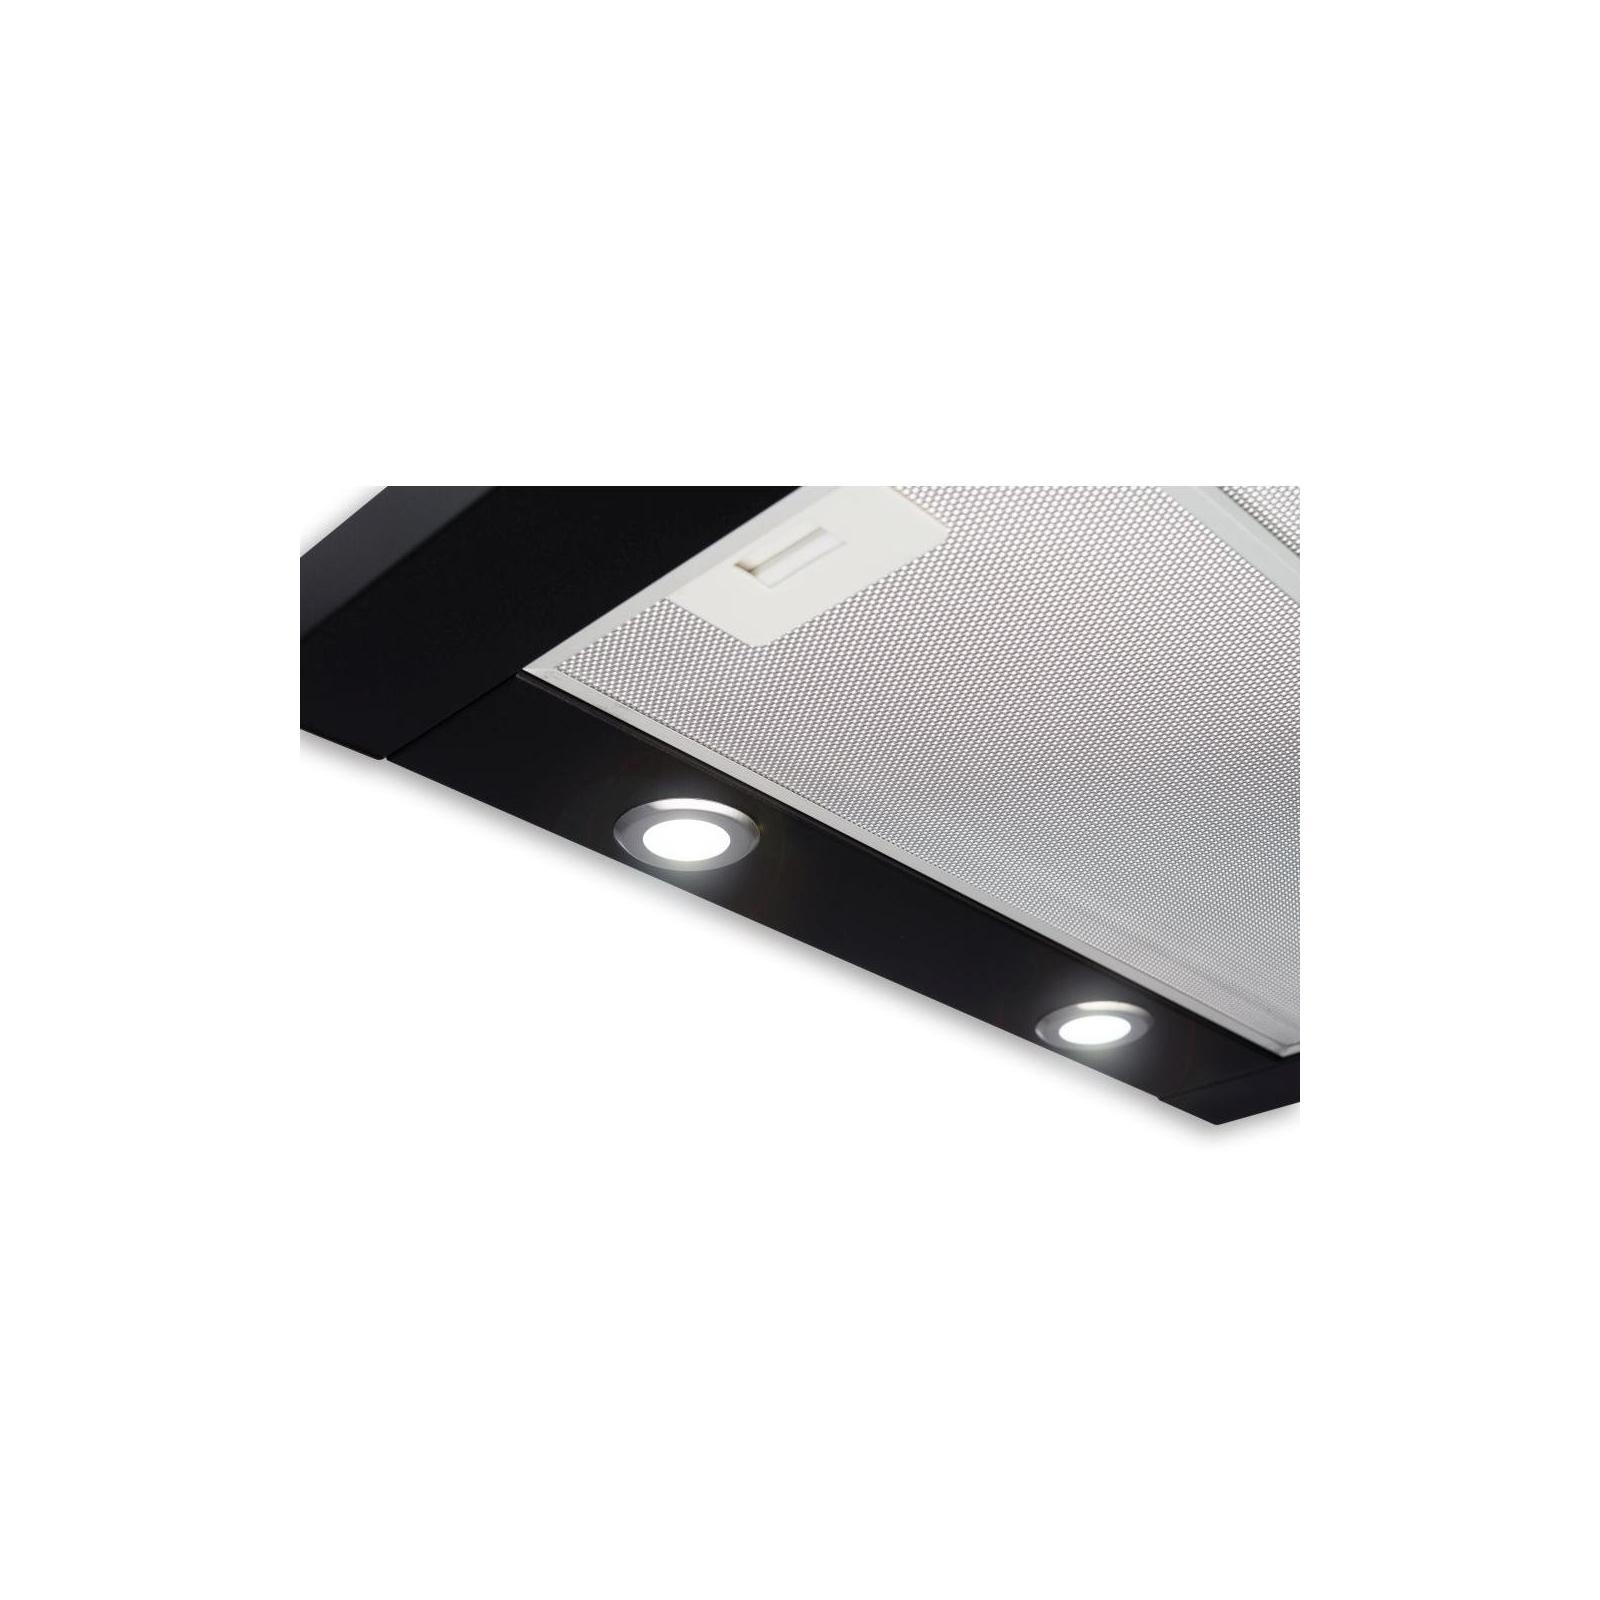 Вытяжка кухонная MINOLA HTL 6112 BL 650 LED изображение 8